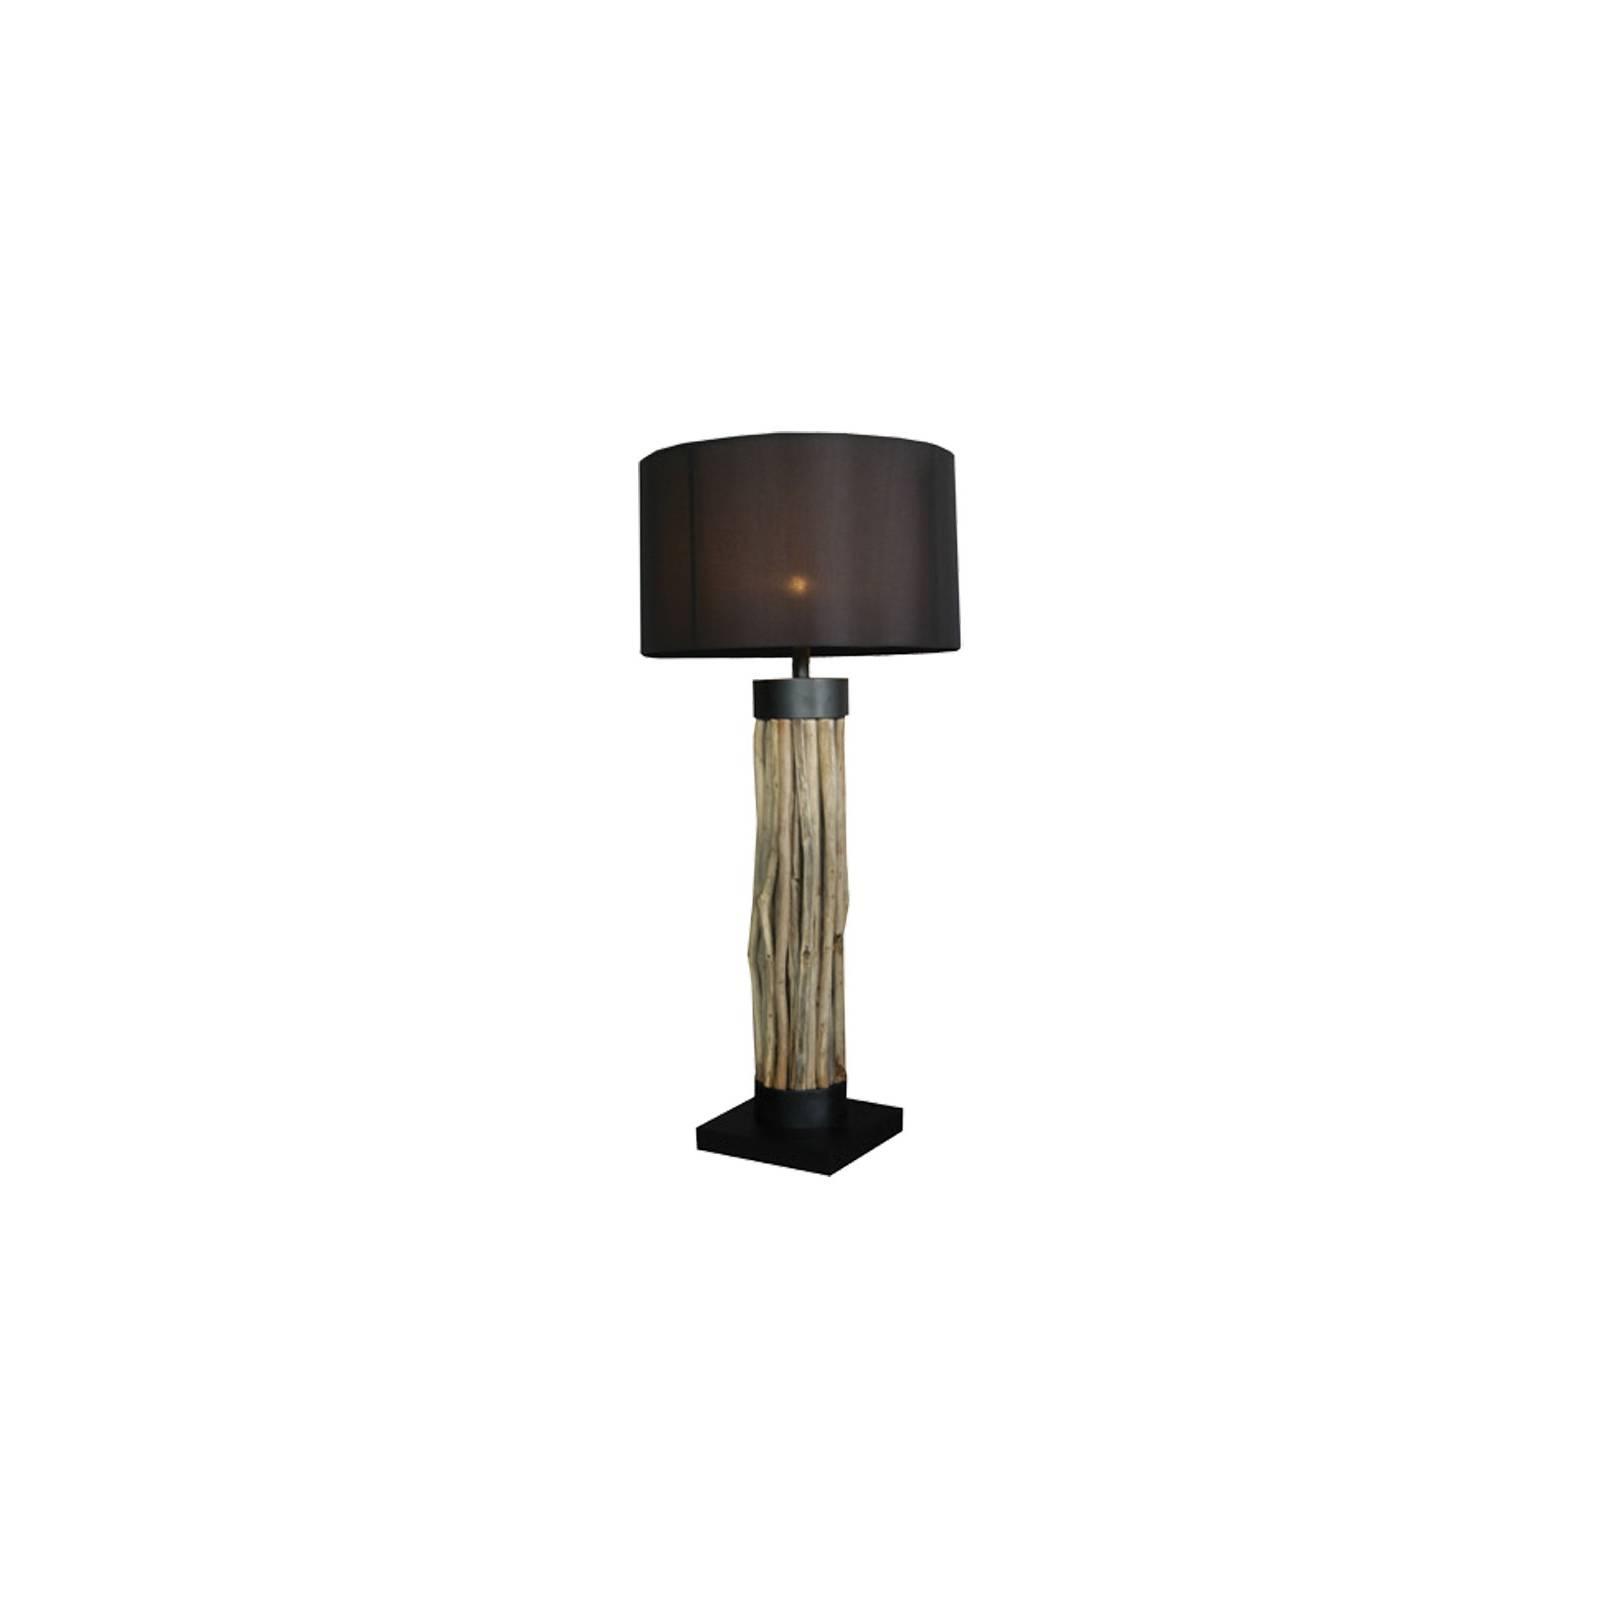 Lampe Damas Bois Flotté - déco style exotique